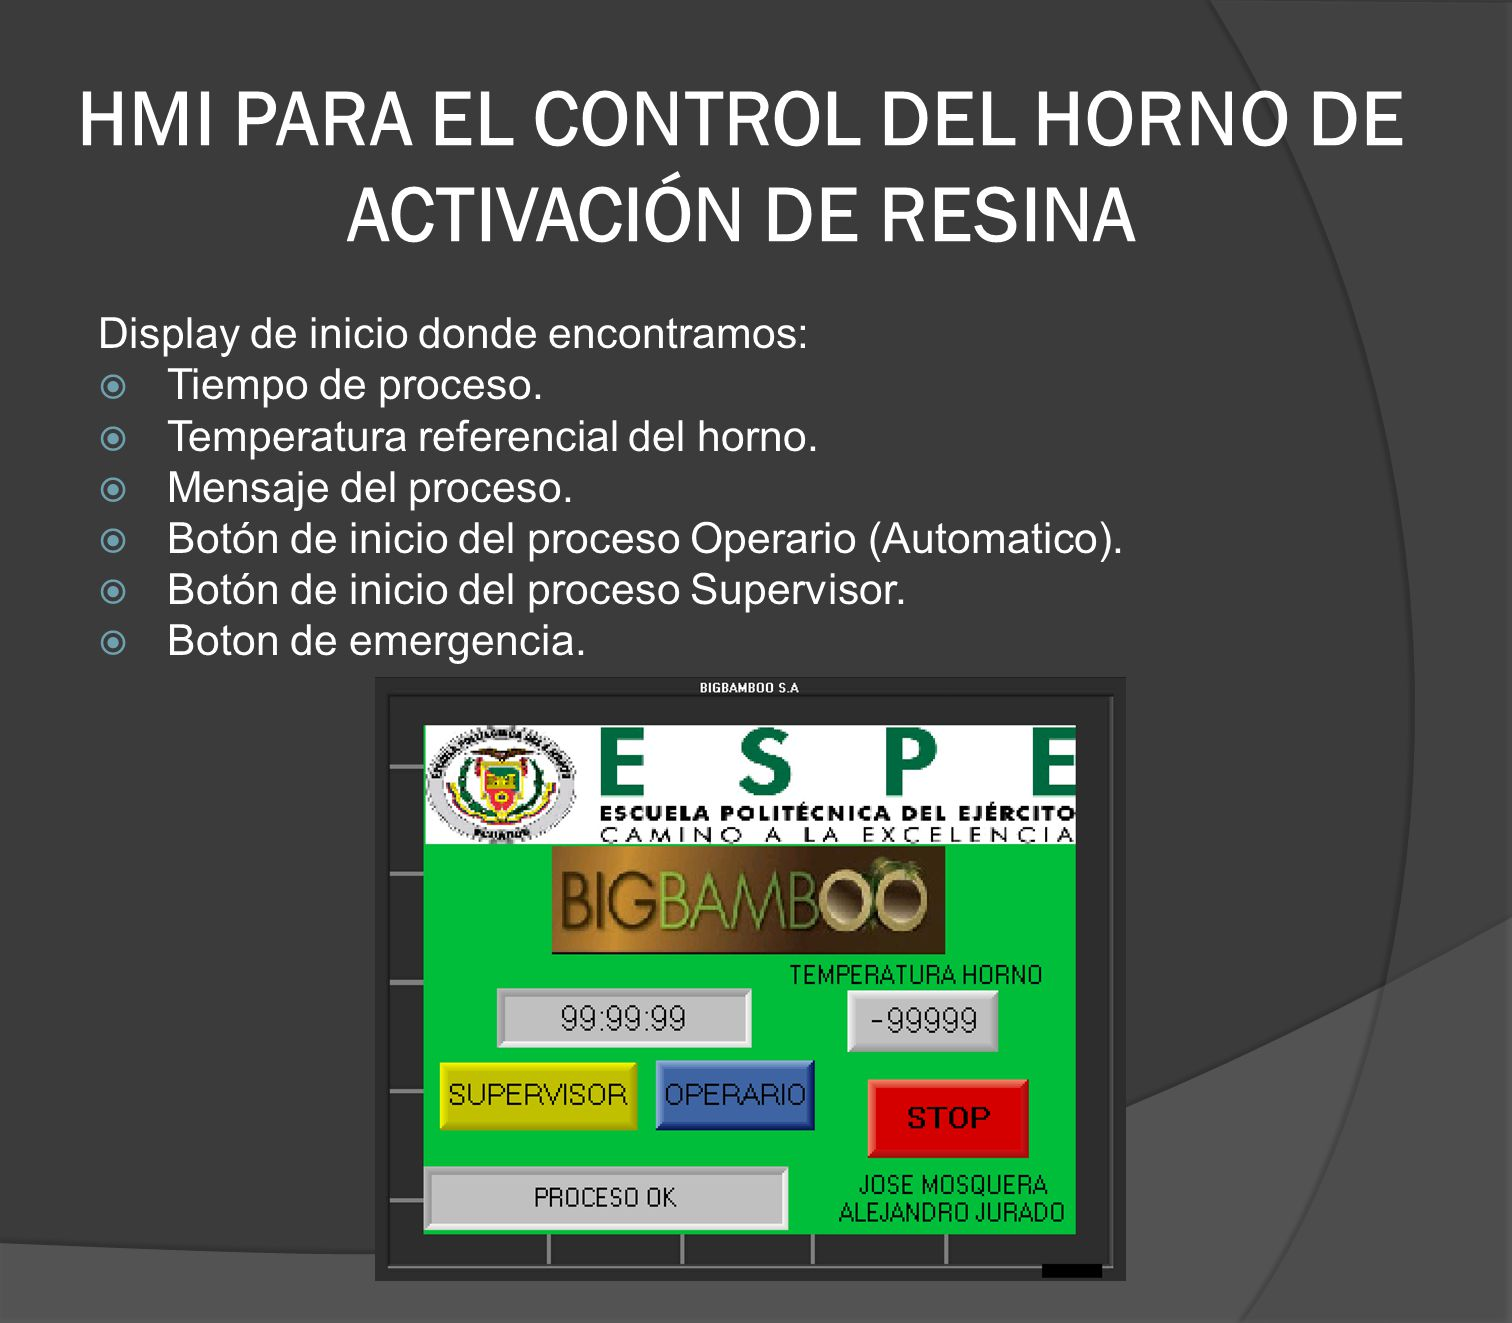 HMI PARA EL CONTROL DEL HORNO DE ACTIVACIÓN DE RESINA